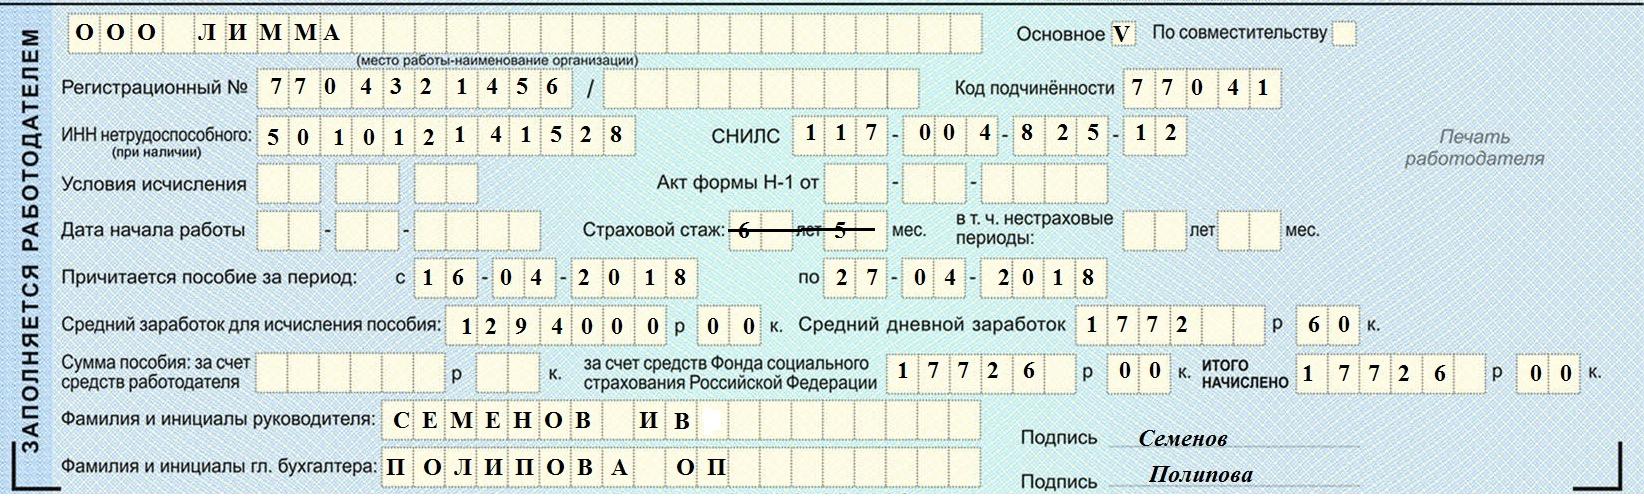 Как исчислить больничный лист медицинская справка форма 086у скачать